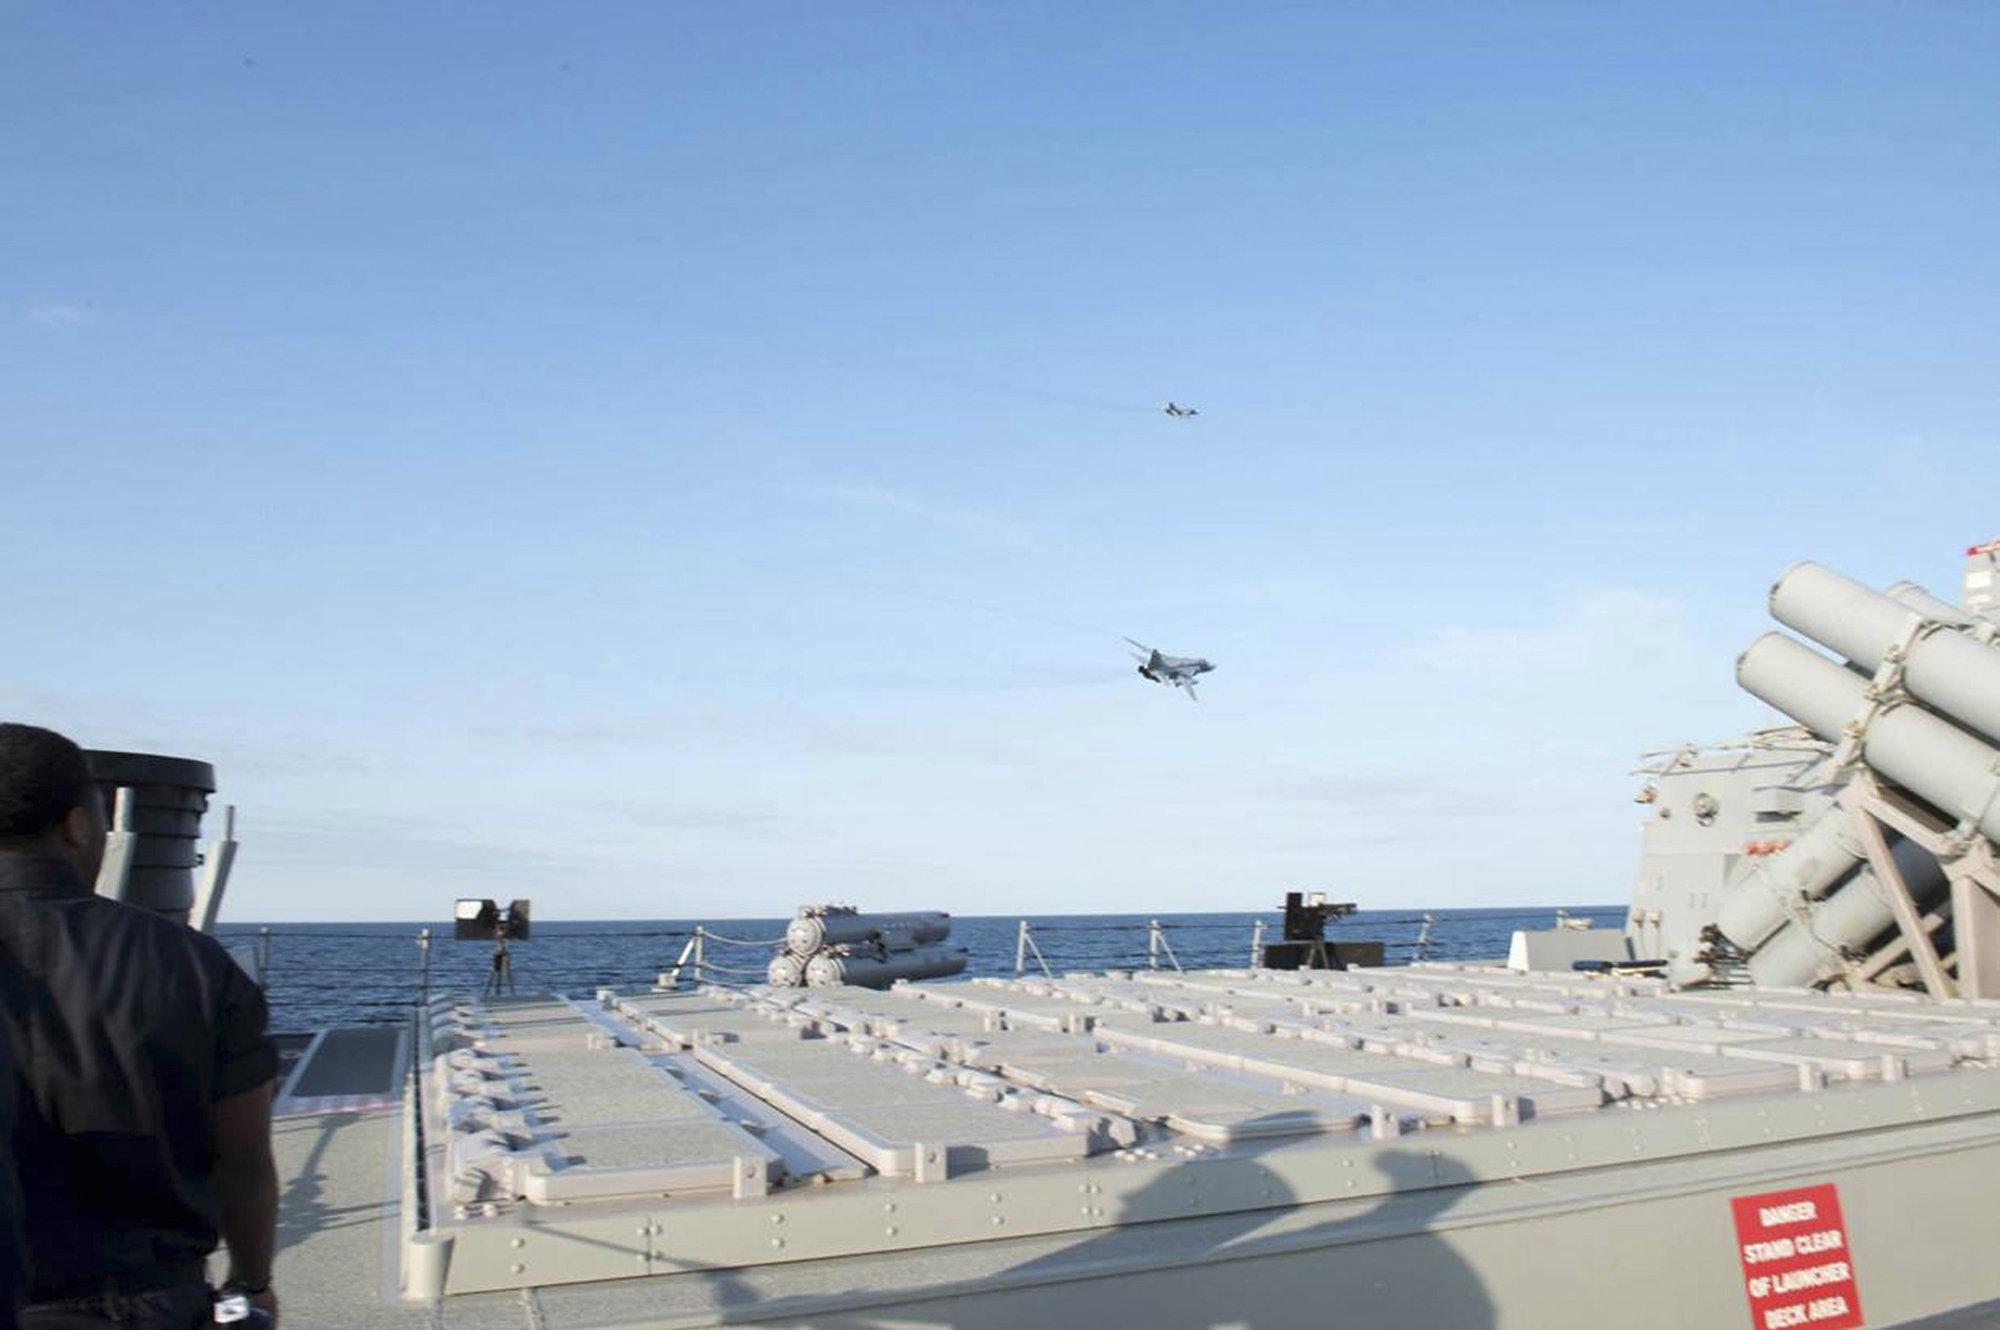 Ниинисте и Лефвен могли бы обсудить инцидент в Балтийском море с Обамой